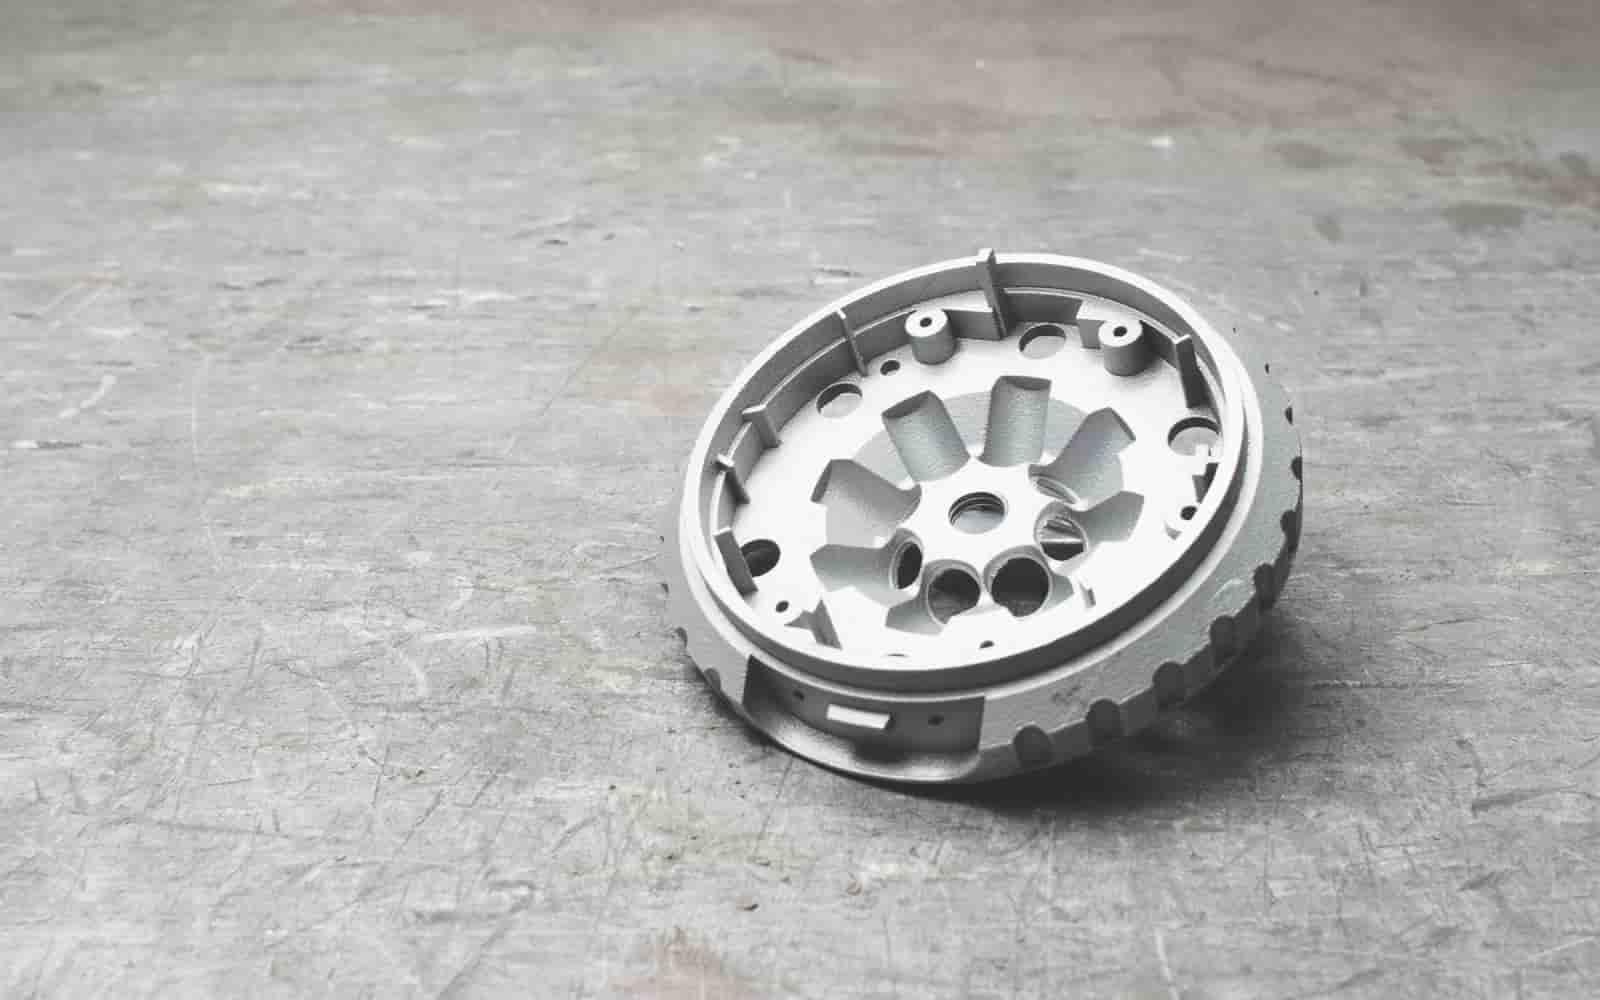 قطعاتی که بار مکانیکی تحمل می کنند.